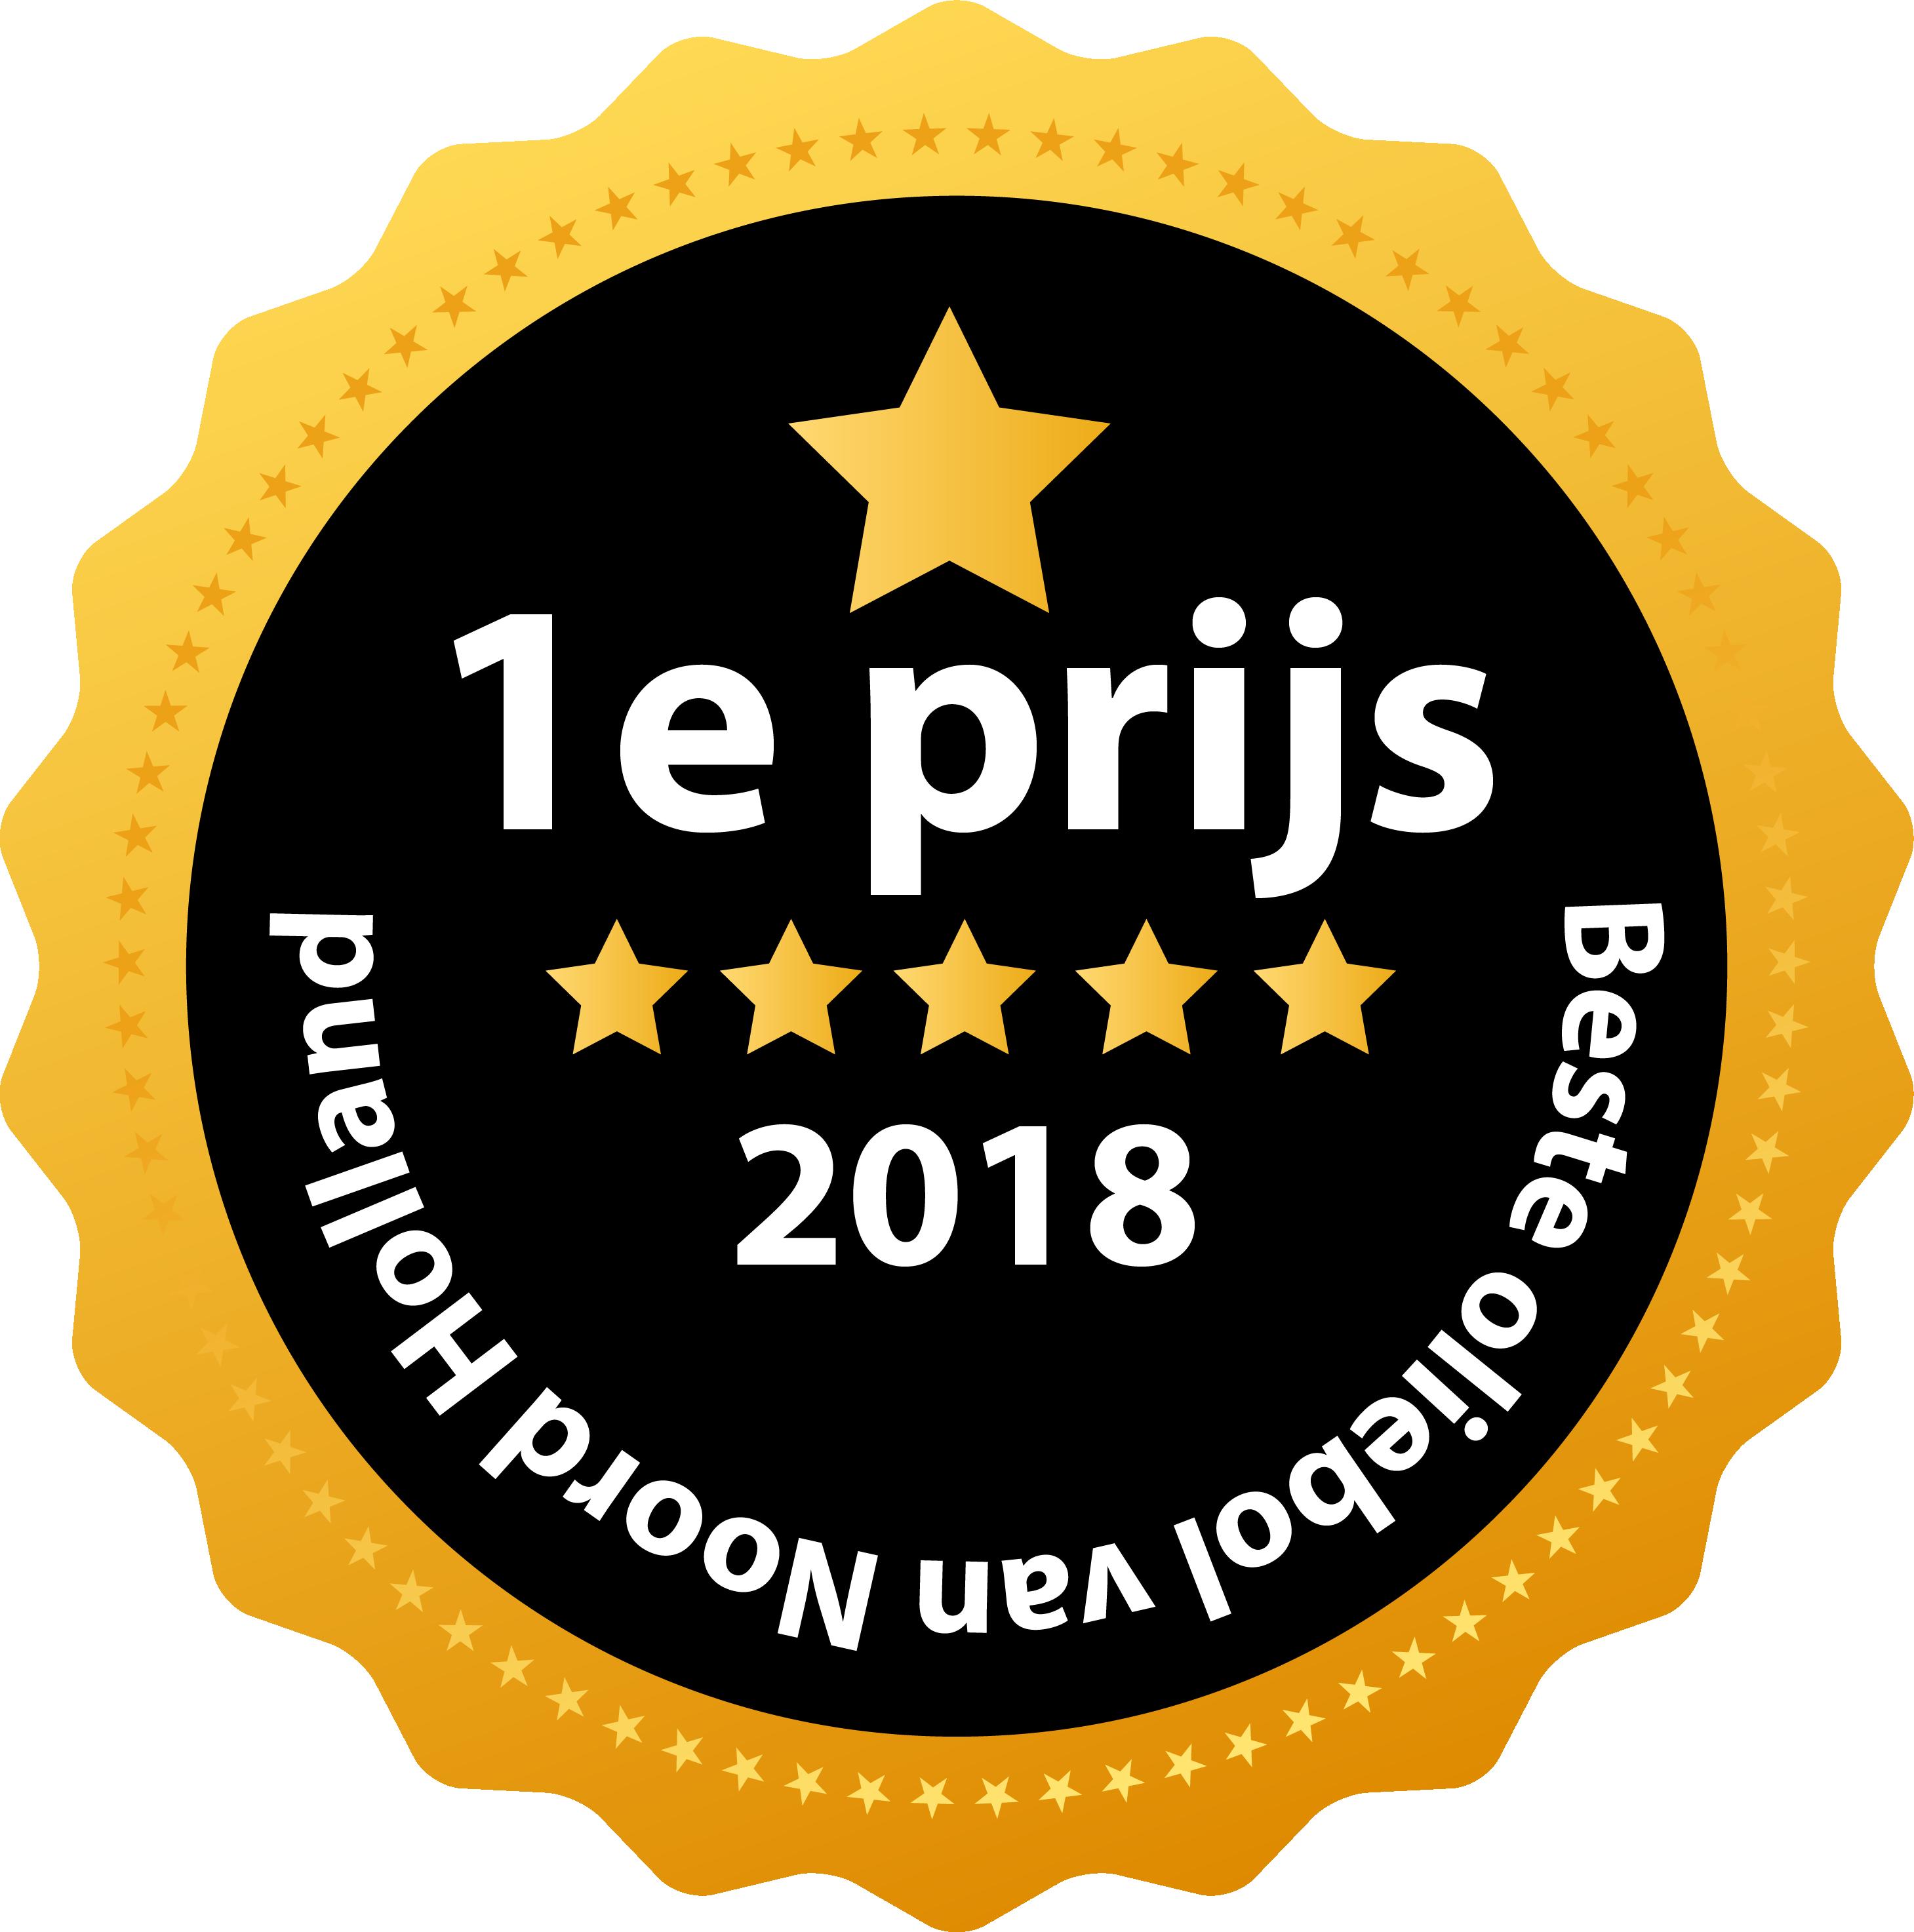 Beste oliebollen van 2018 award